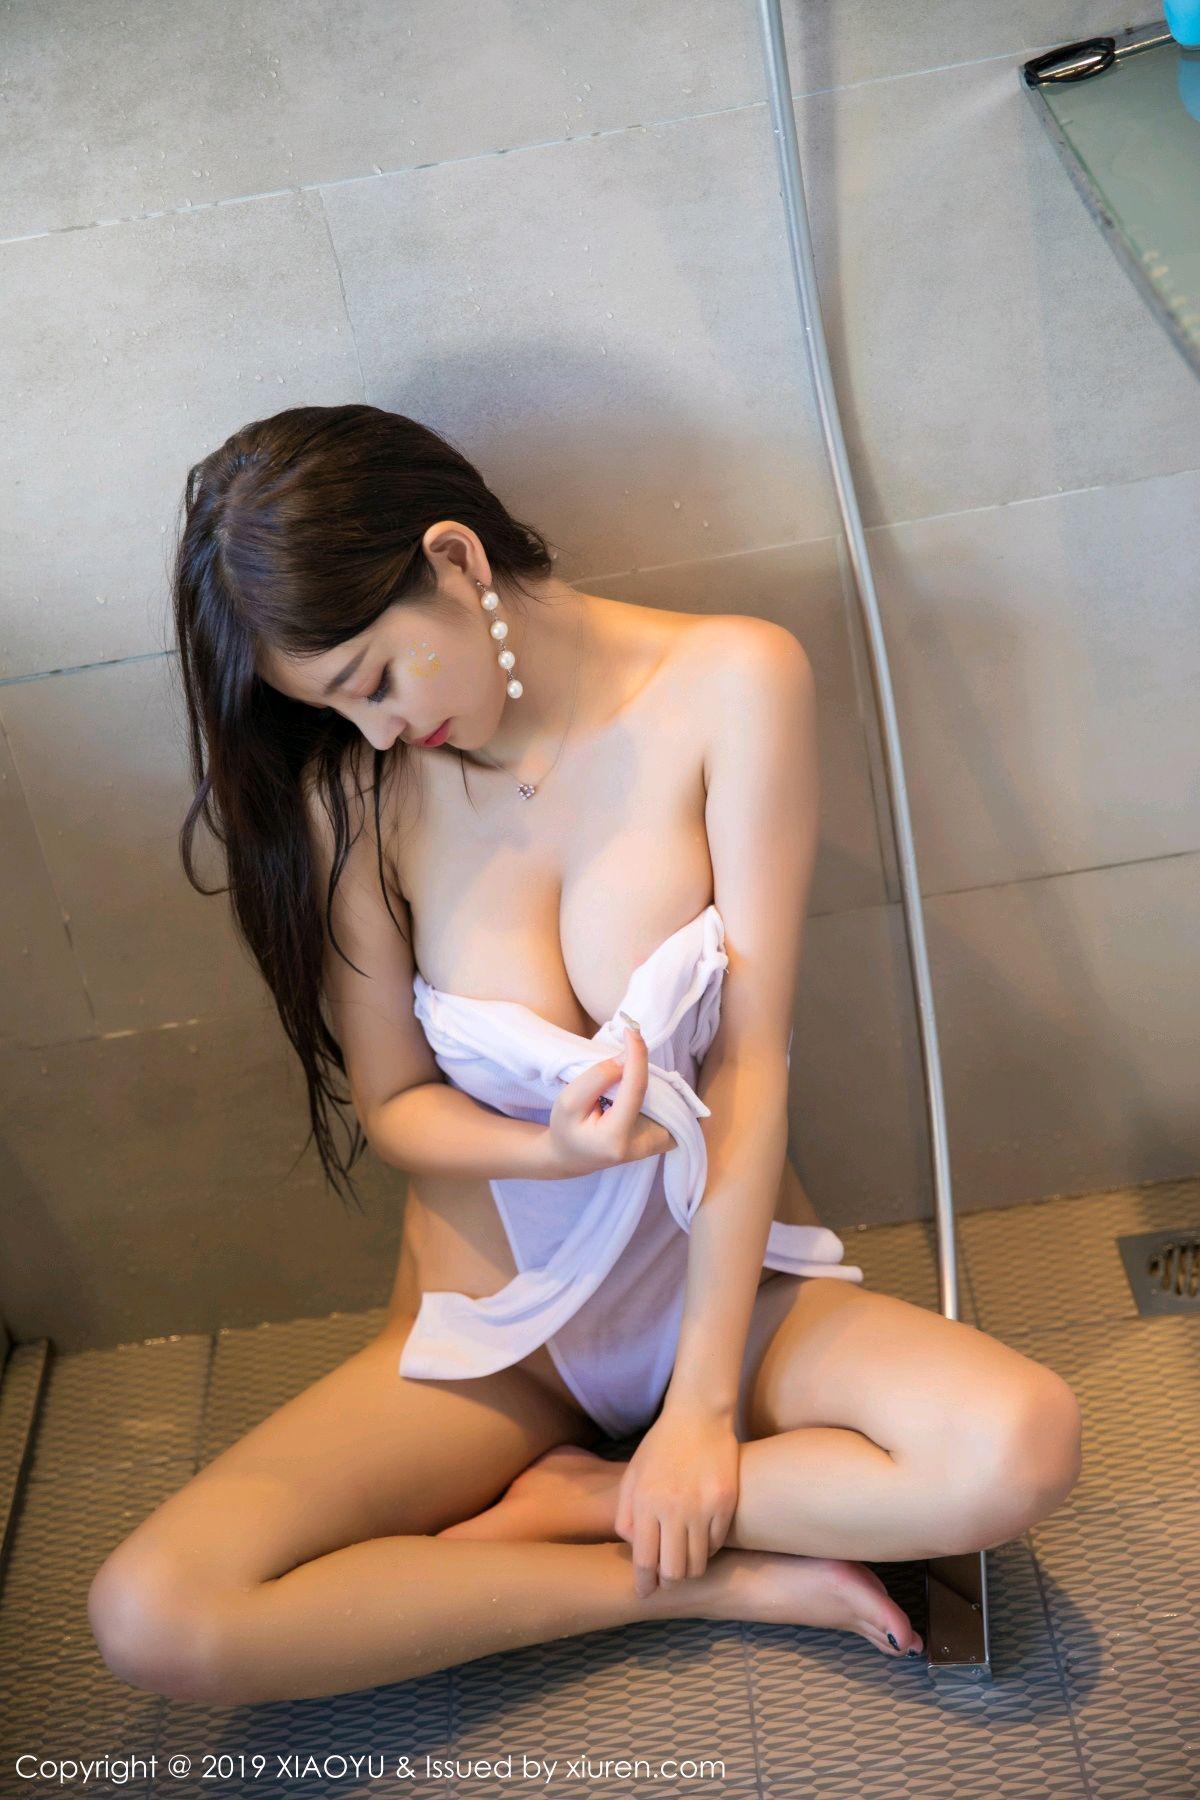 [XiaoYu] Vol.089 Yang Chen Chen 31P, Bathroom, Wet, XiaoYu, Yang Chen Chen